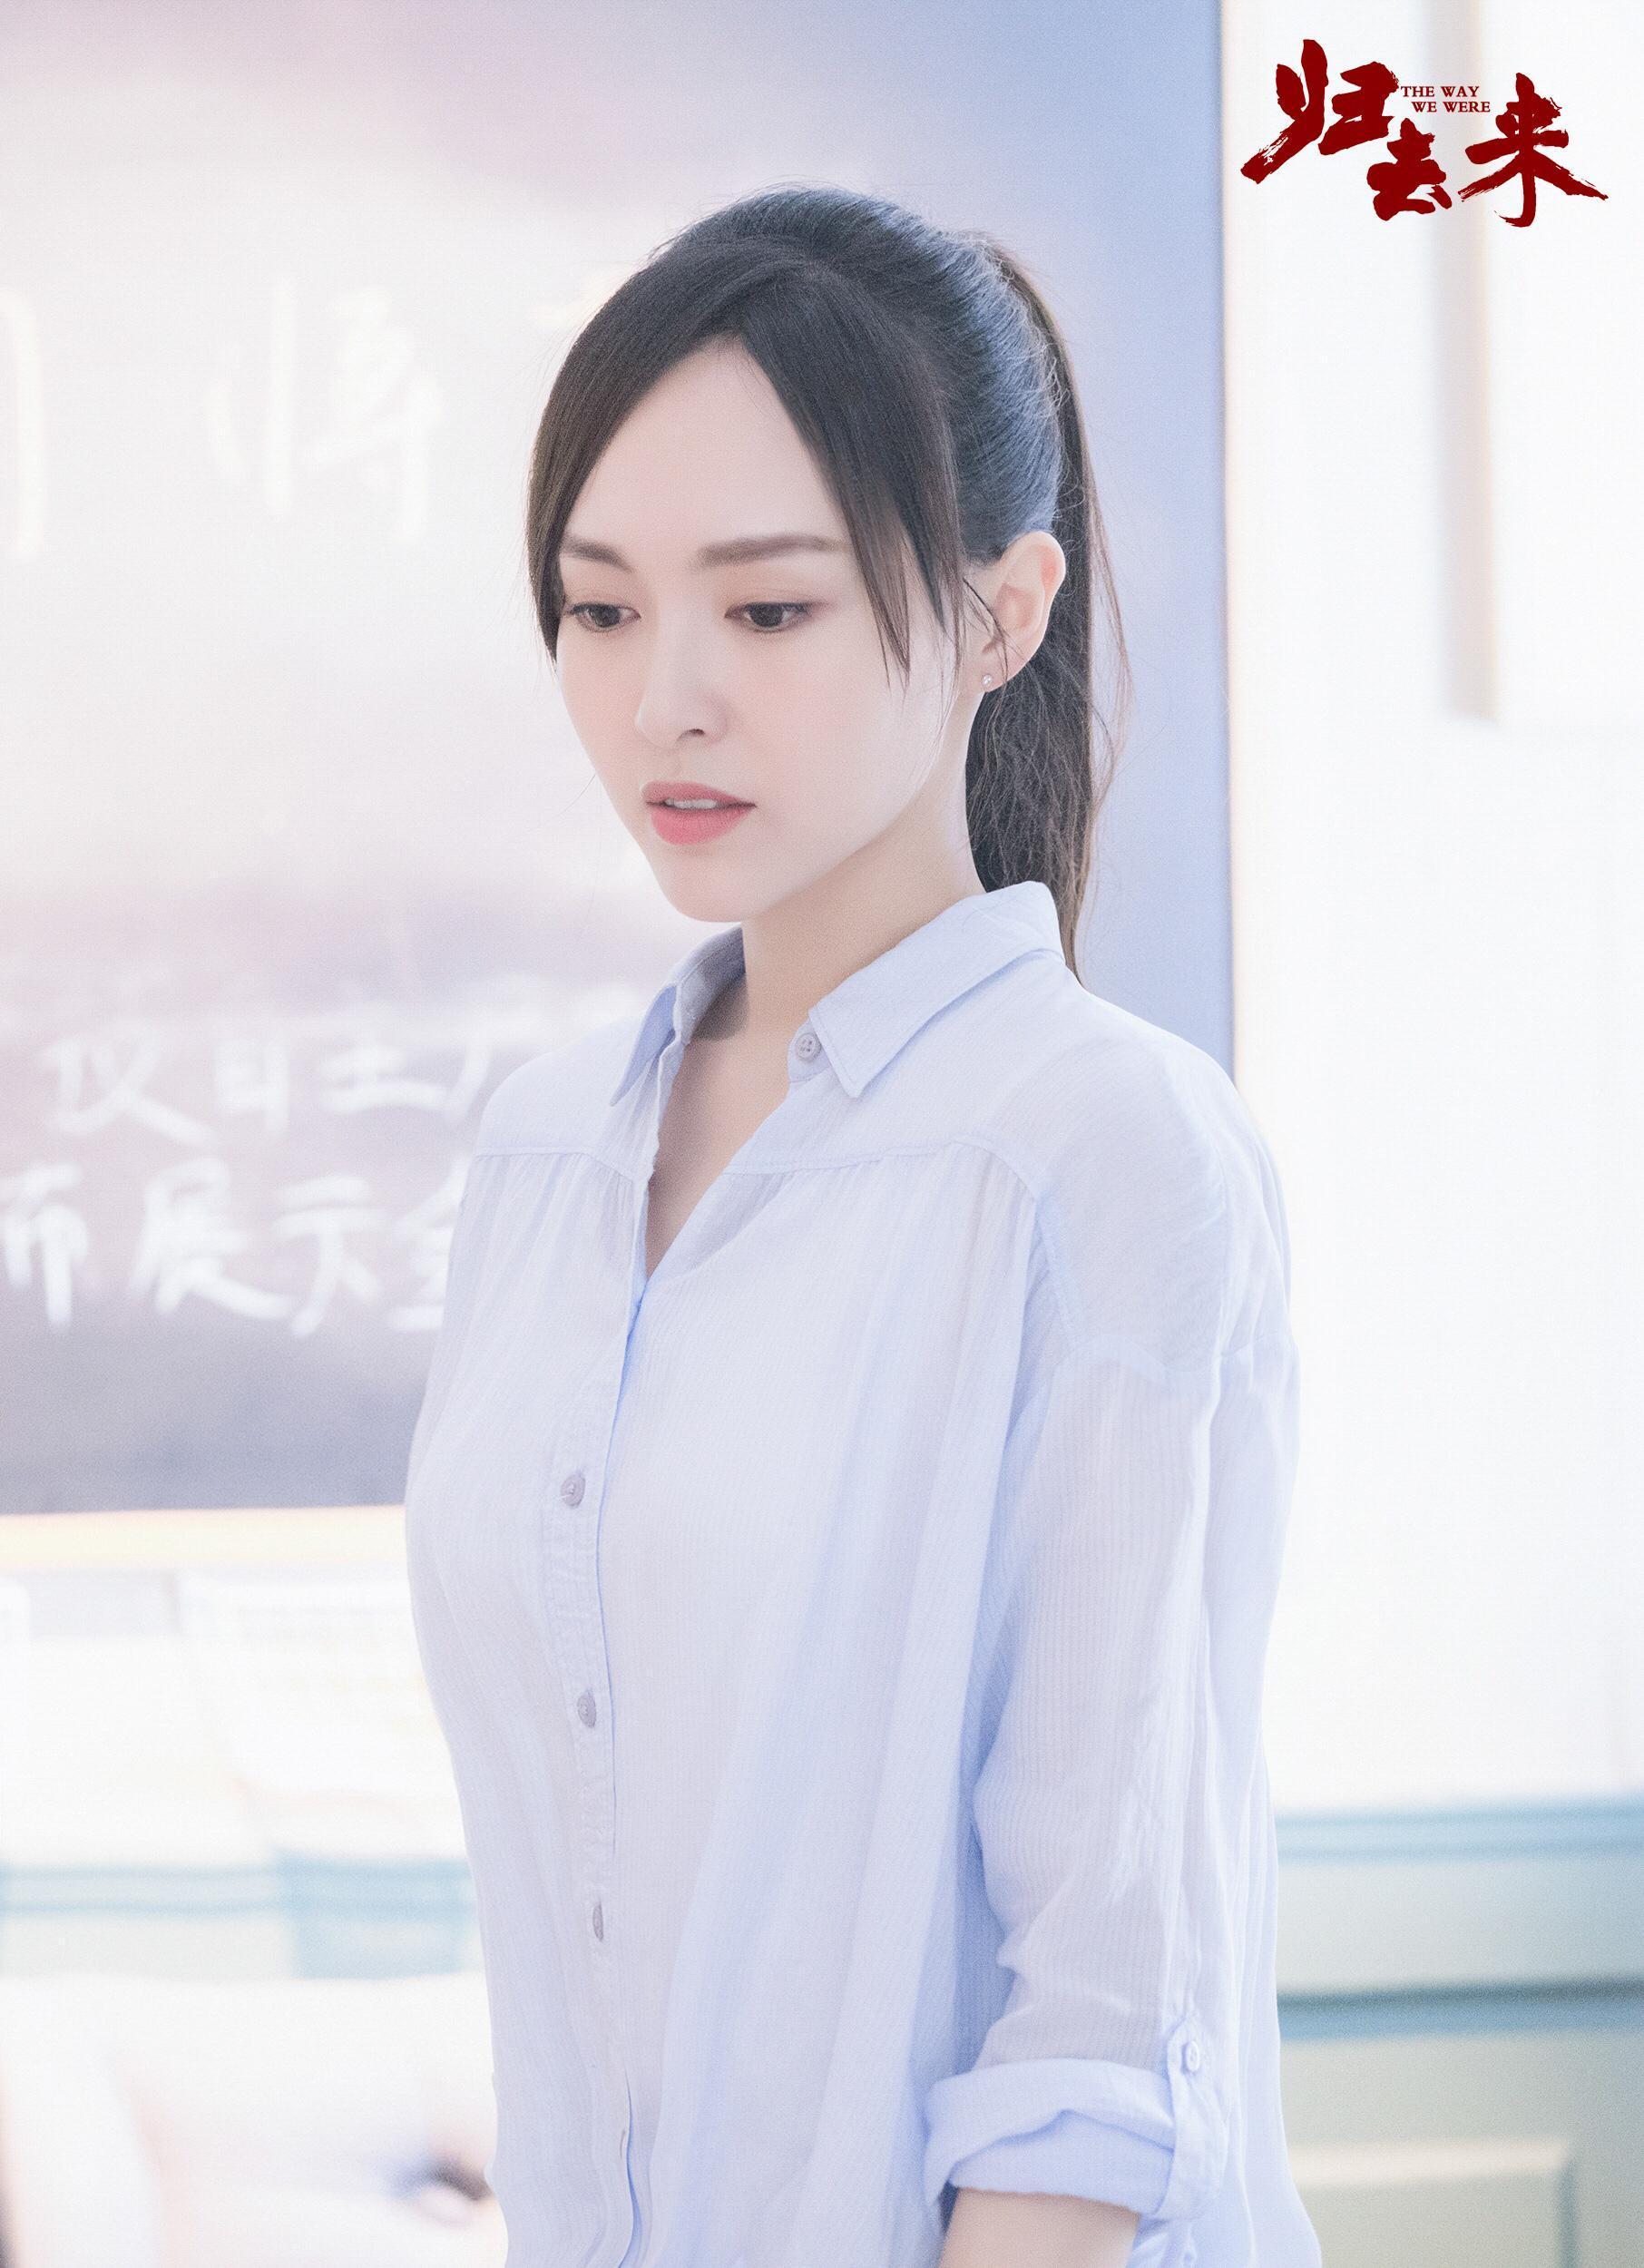 唐嫣 罗晋主演 归去来 前十二集十大槽点,编剧回应女主戏份少